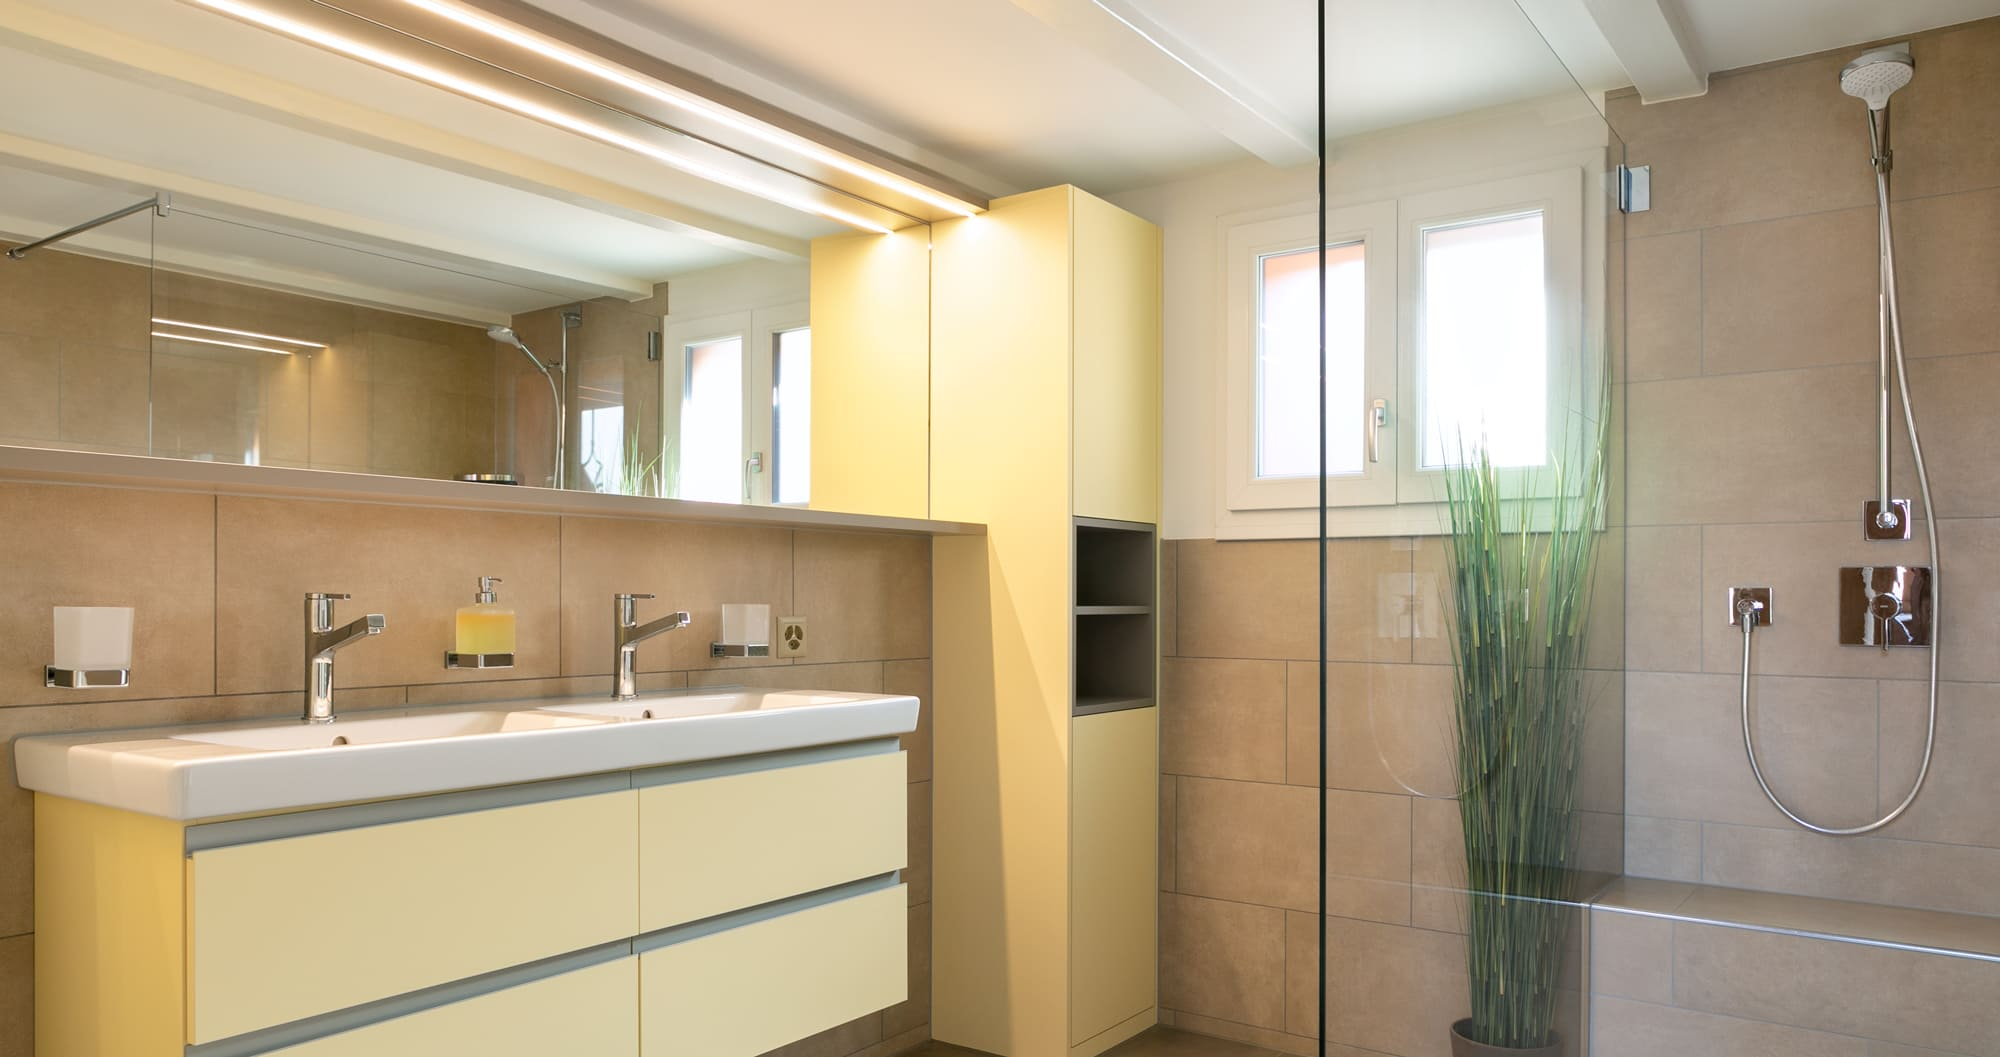 Neues Badezimmer Gyger Küchen GmbH